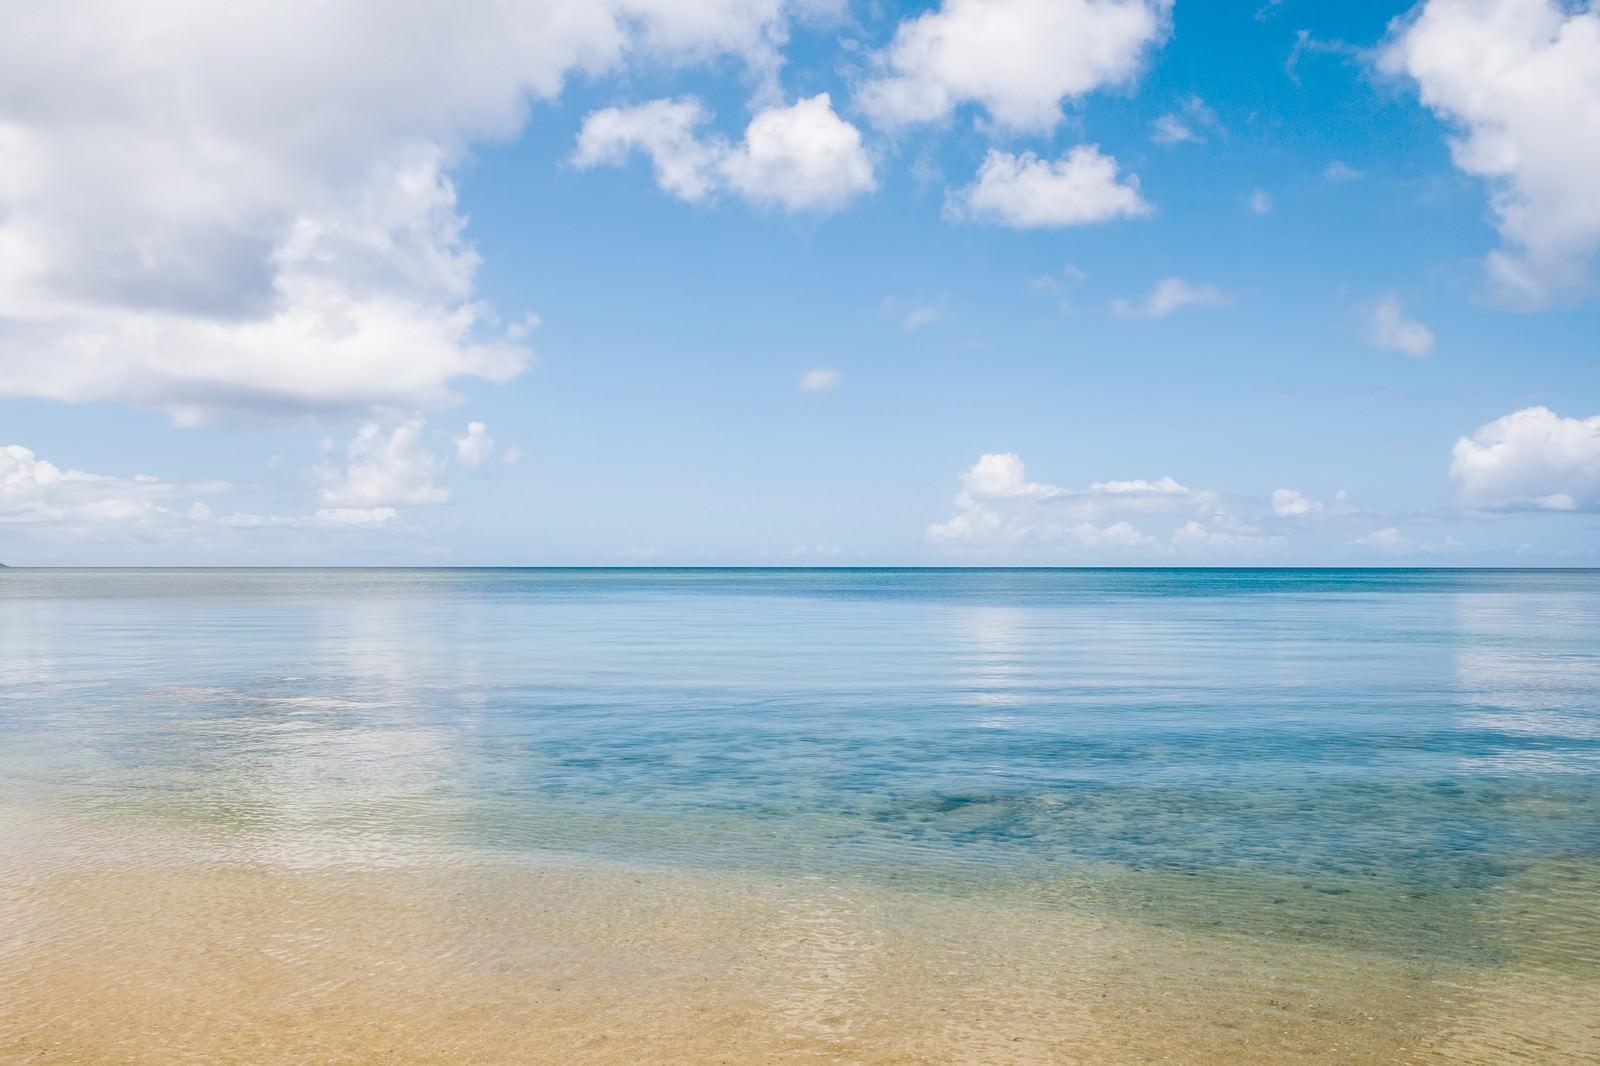 石垣島の海 無料の写真素材はフリー素材のぱくたそ